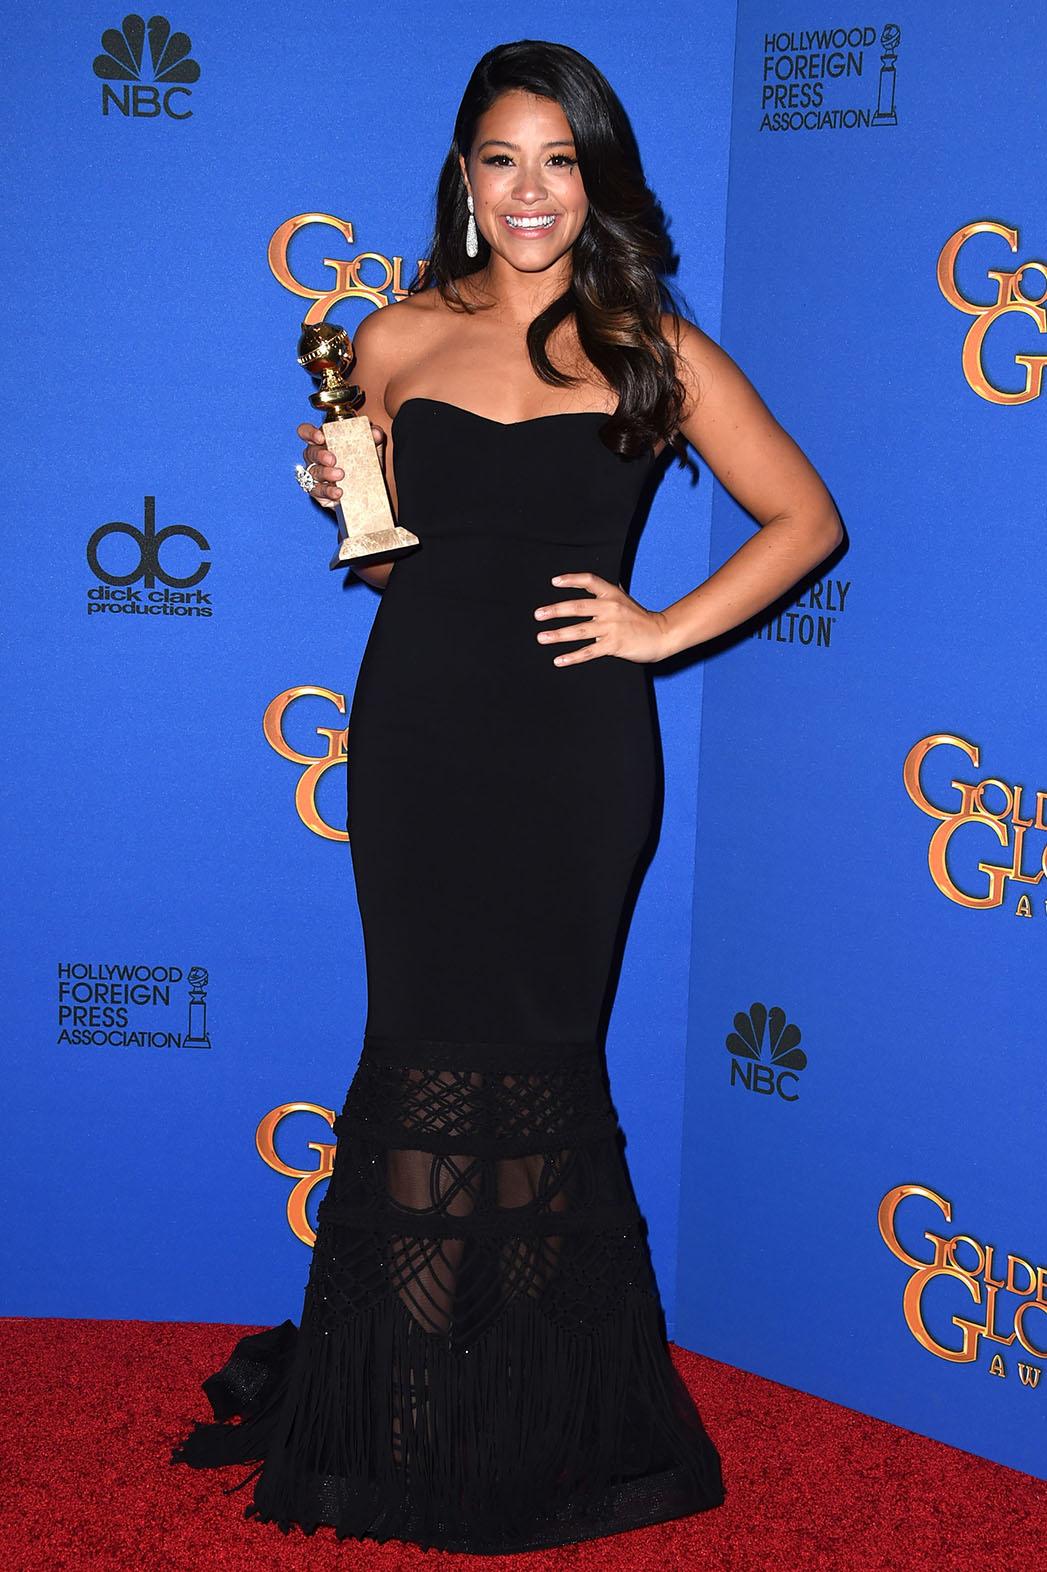 Gina Rodriguez - P 2016